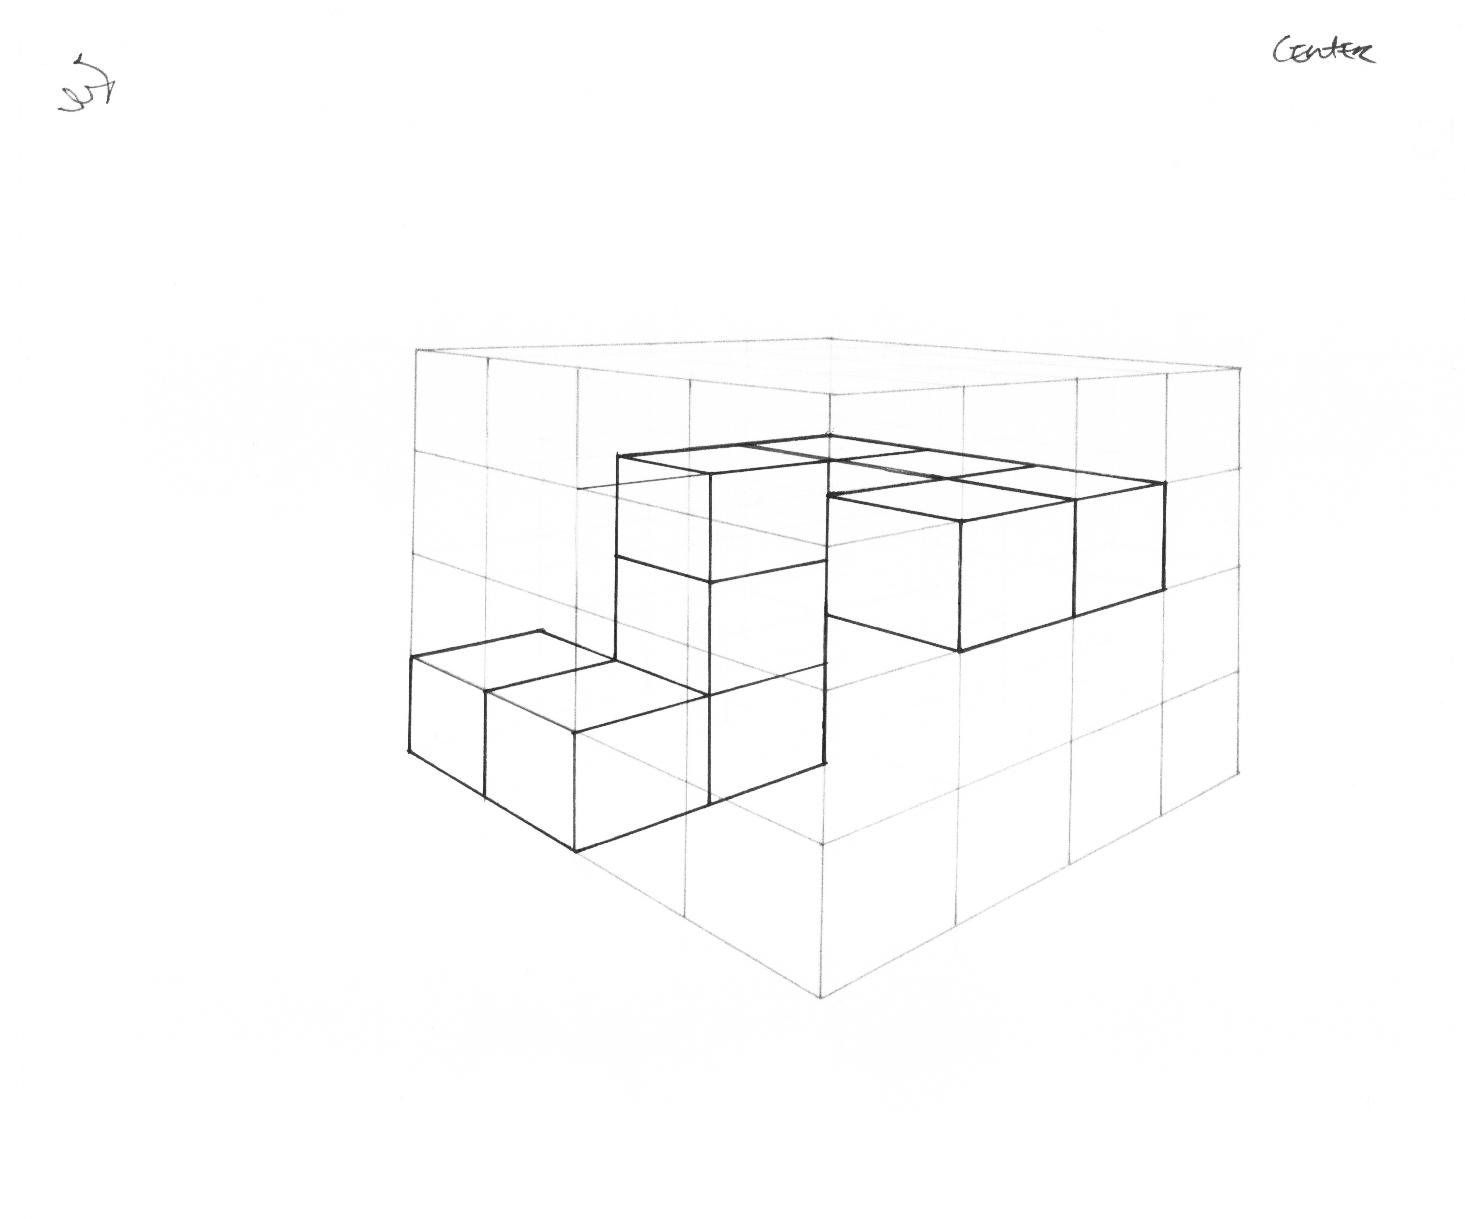 cubes 1.jpeg